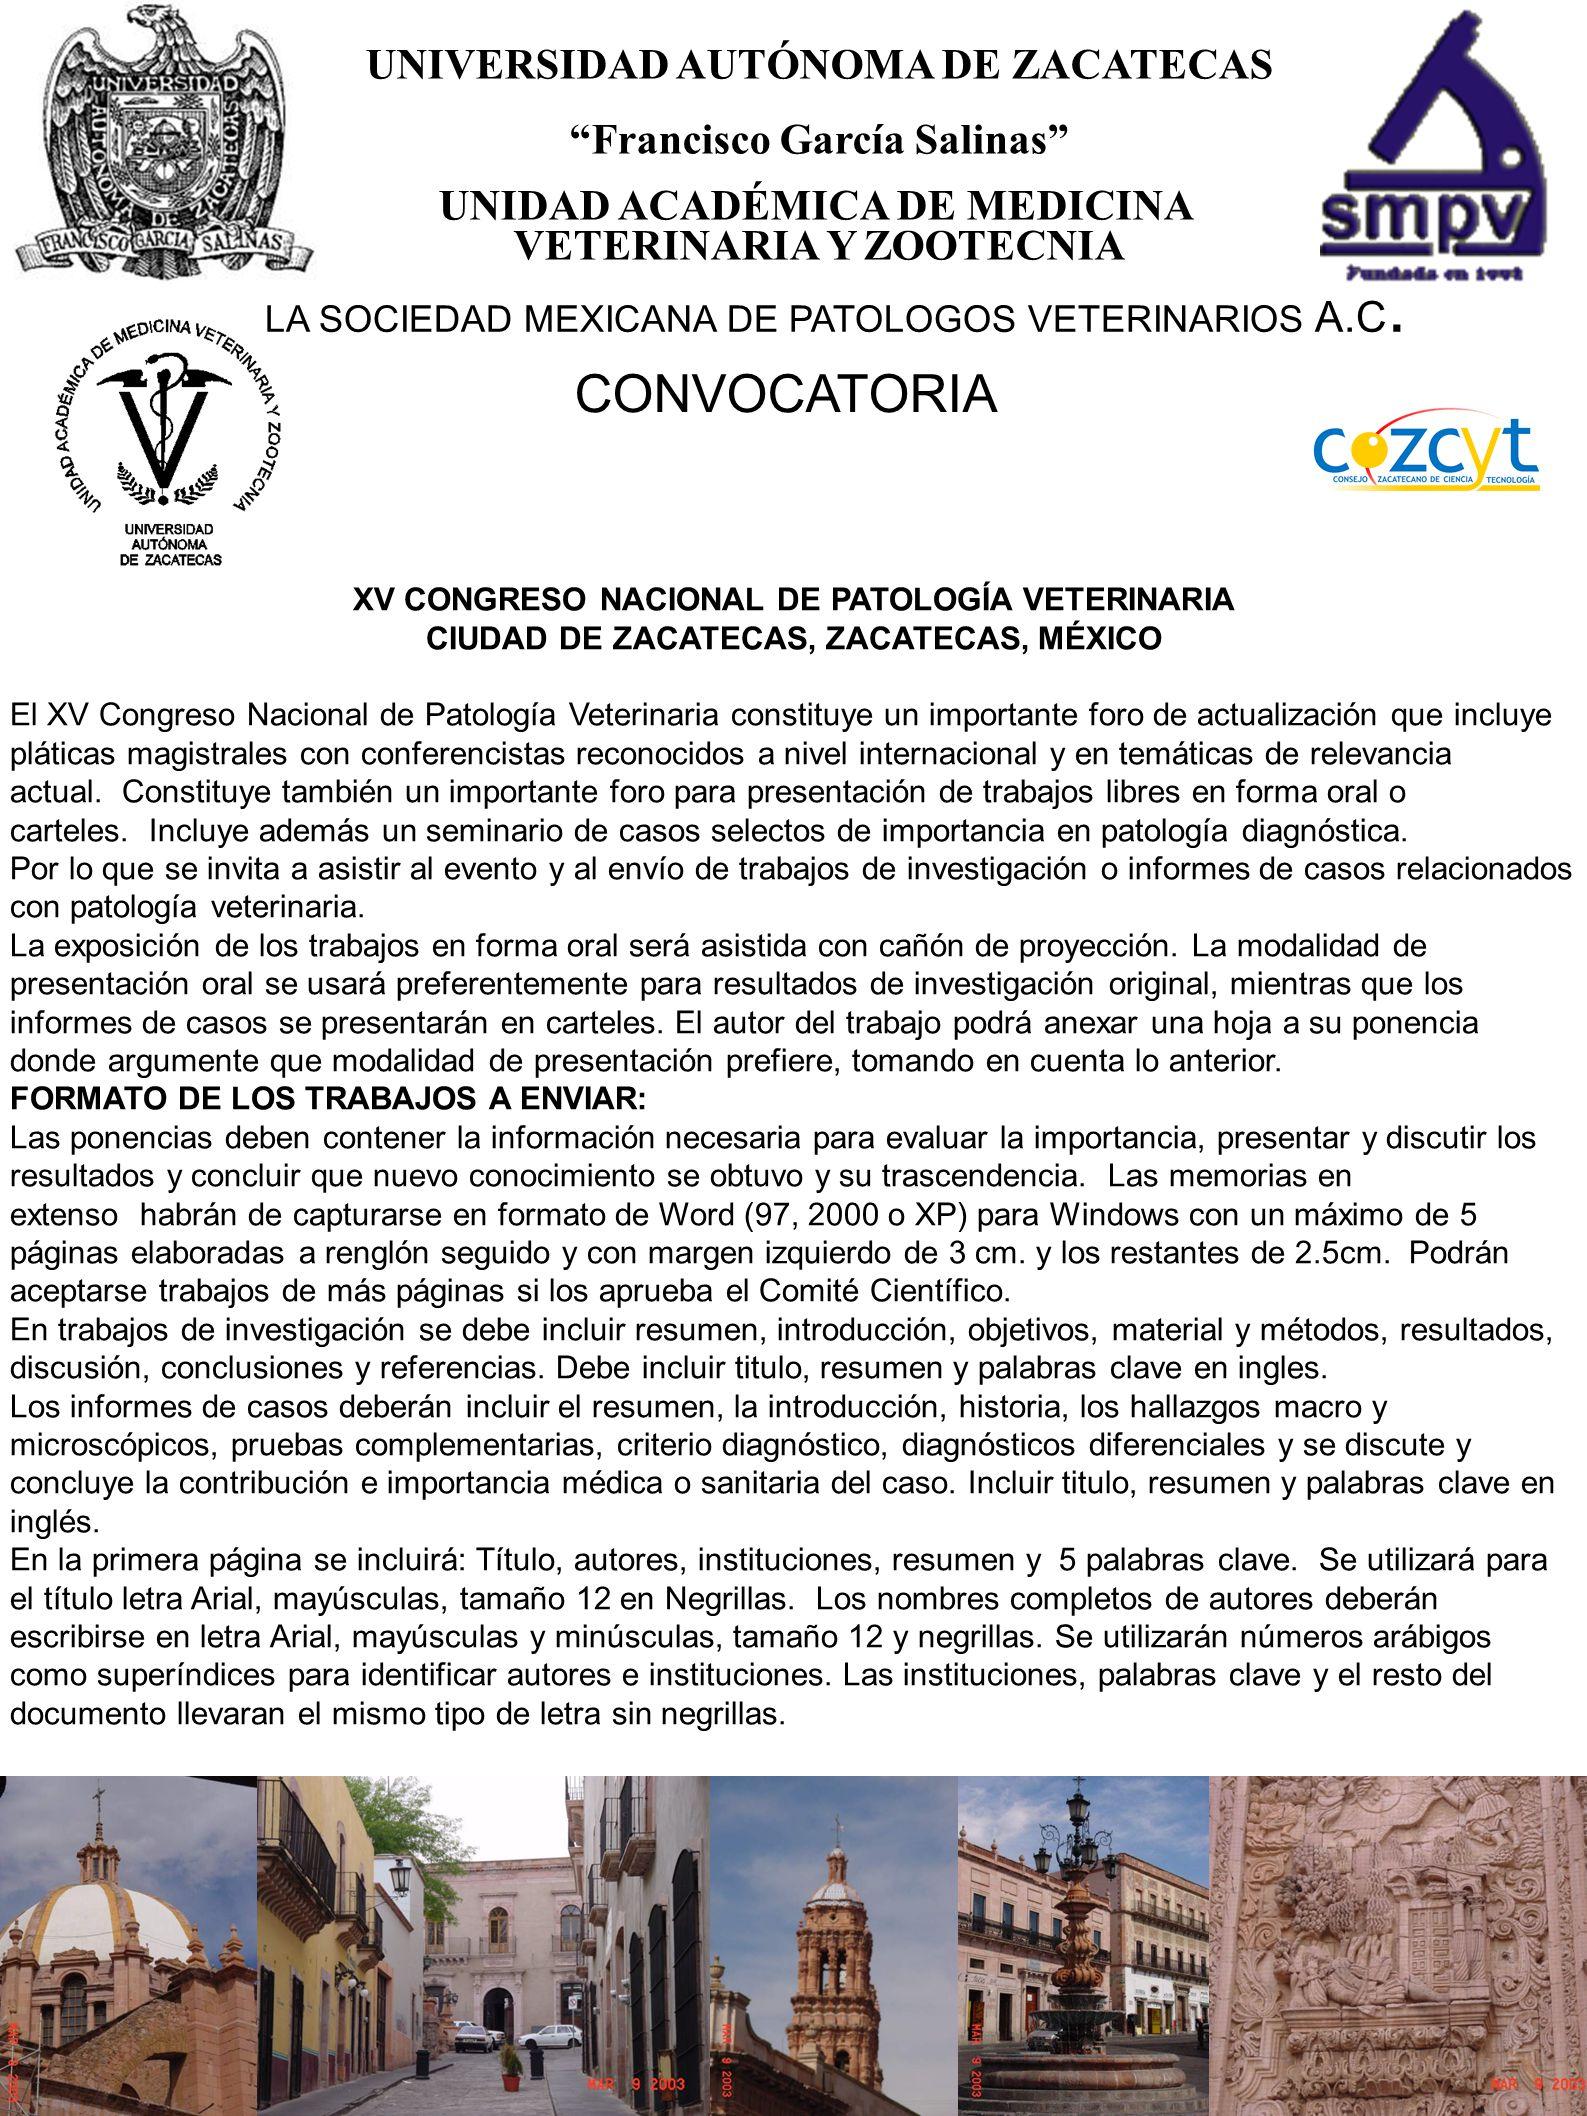 4 UNIVERSIDAD AUTÓNOMA DE ZACATECAS Francisco García Salinas UNIDAD ACADÉMICA DE MEDICINA VETERINARIA Y ZOOTECNIA CONVOCATORIA LA SOCIEDAD MEXICANA DE PATOLOGOS VETERINARIOS A.C.